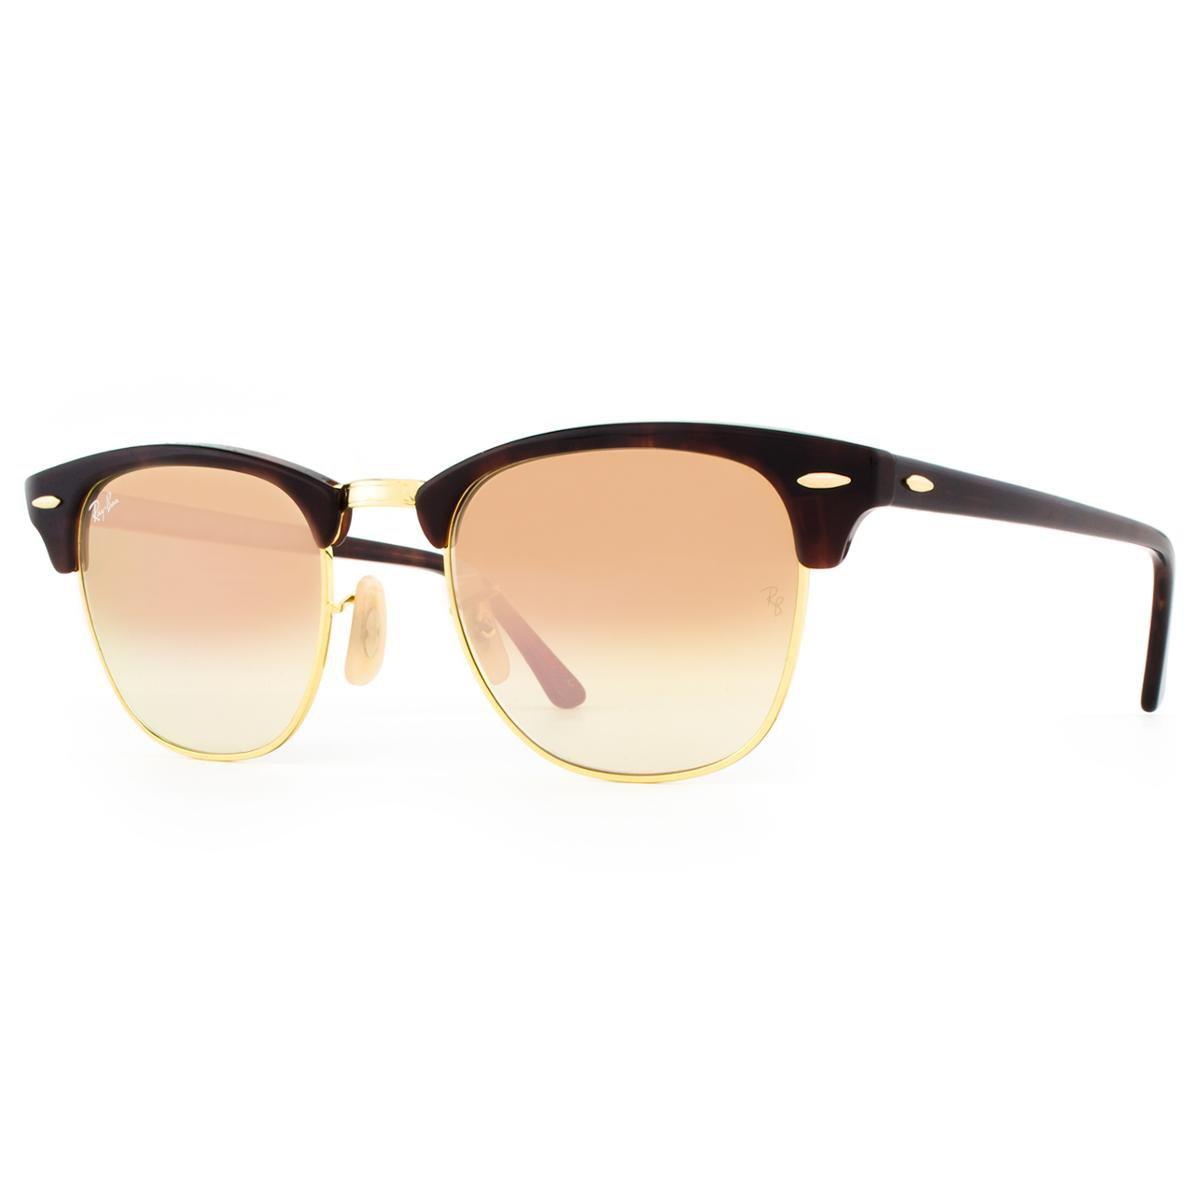 ... Óculos de Sol Ray Ban Clubmaster Flash RB3016 990 7O-51 Feminino ... e7f9814003